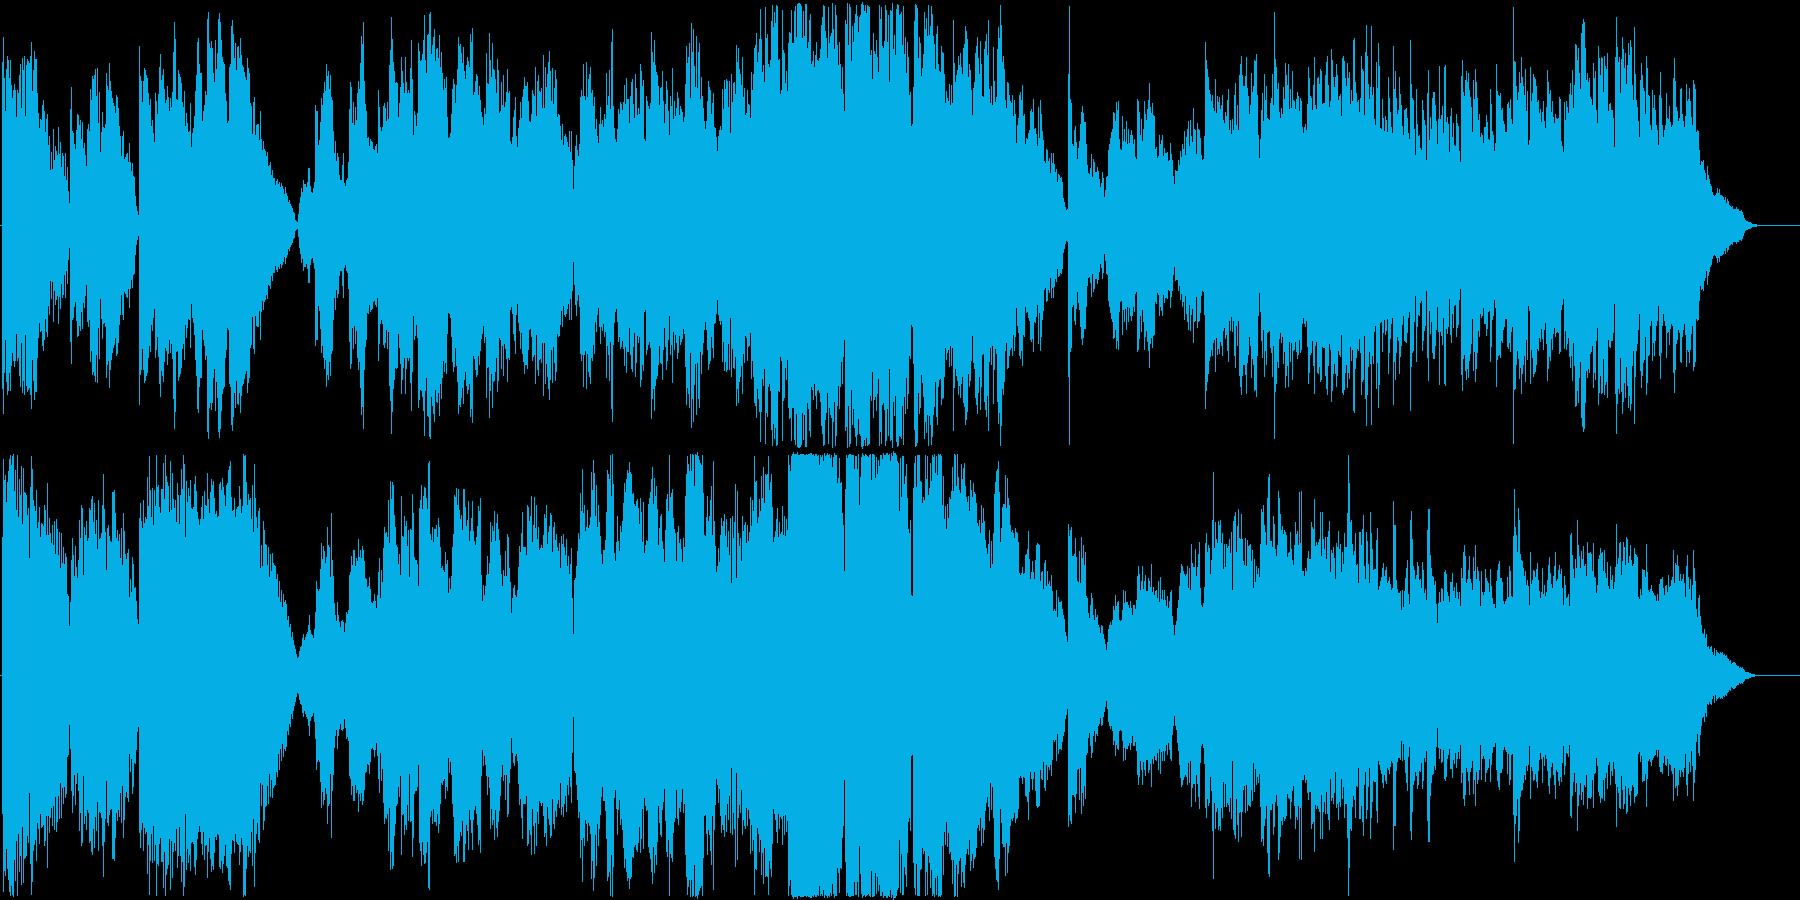 映像にオススメの切ないシーンに似合う曲の再生済みの波形